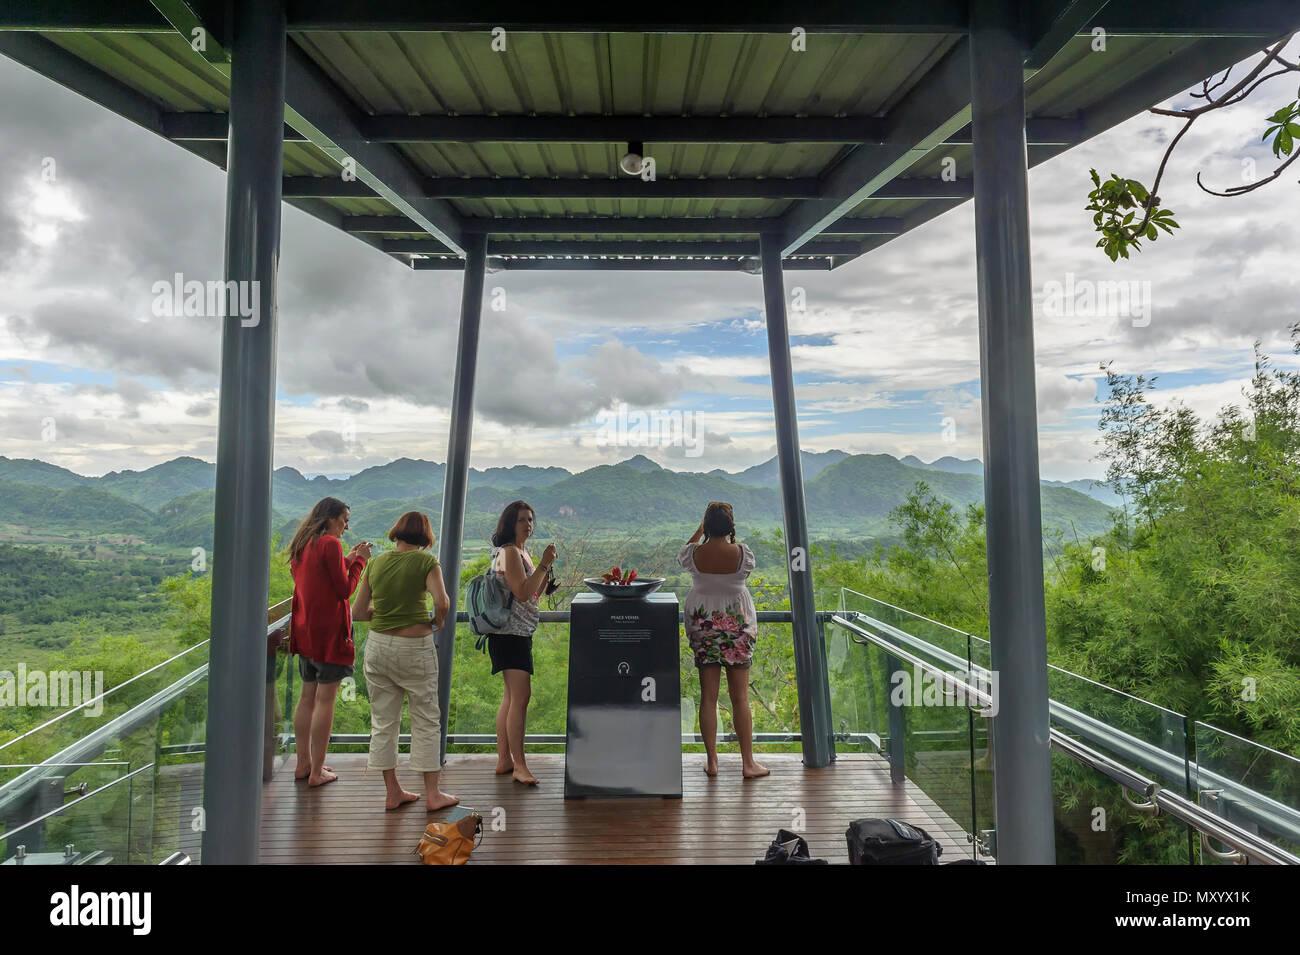 Museo conmemorativo Hellfire Pass, de la provincia de Kanchanaburi, Tailandia Imagen De Stock